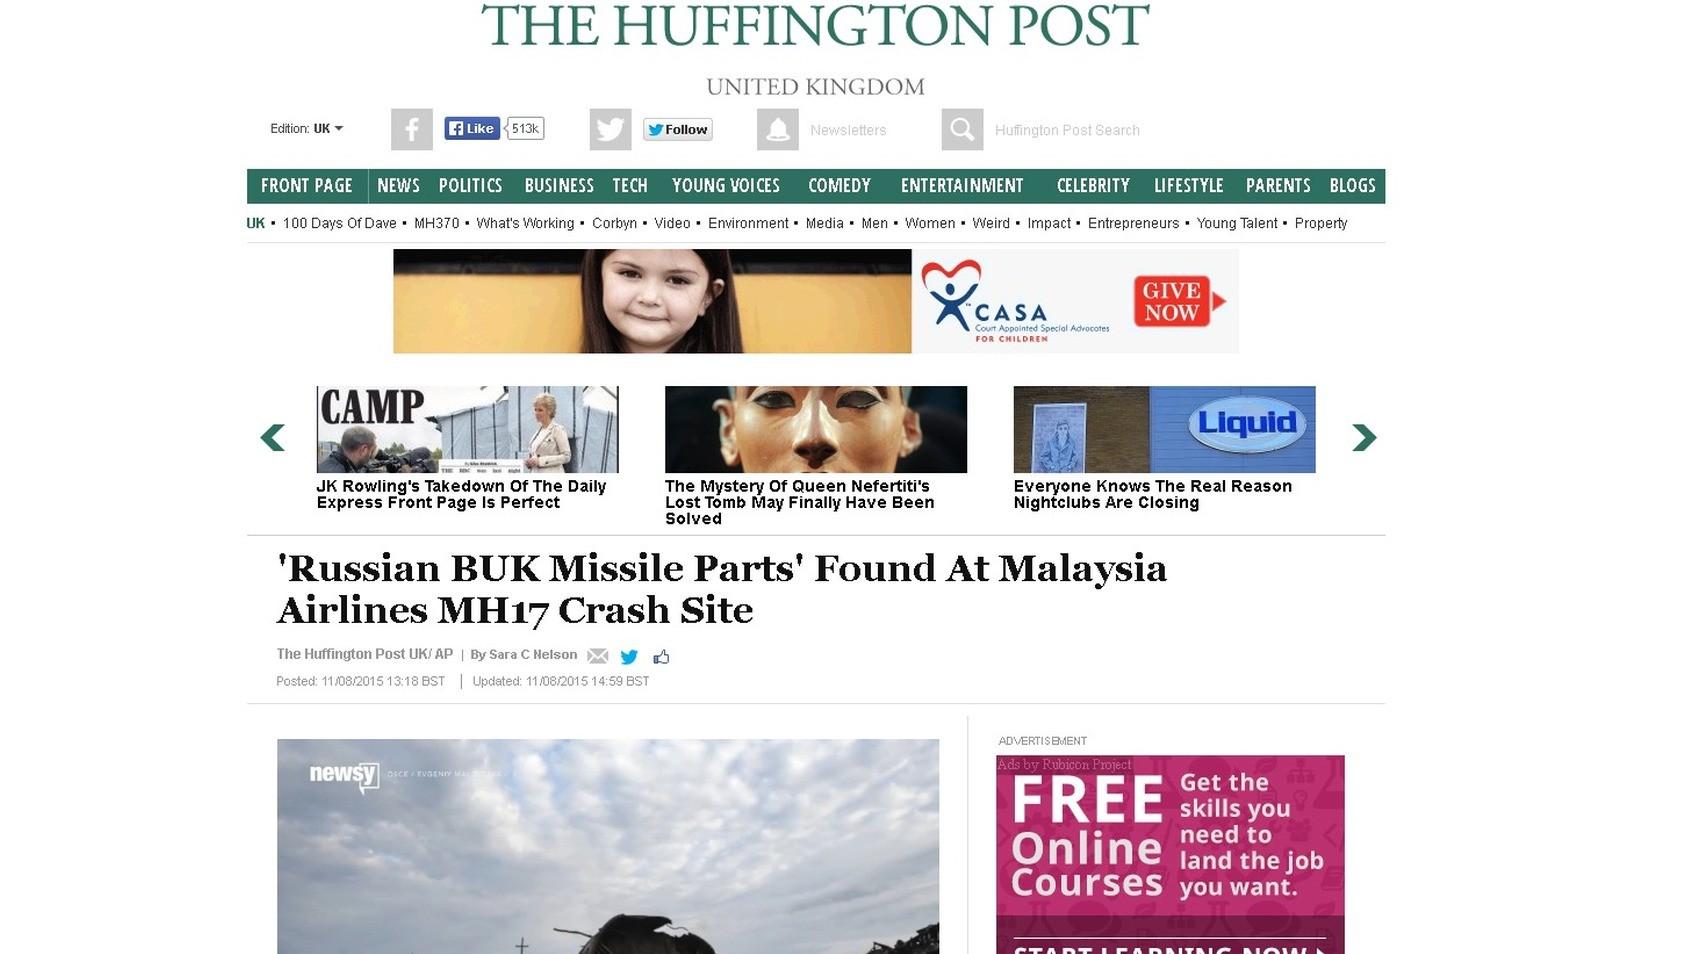 MH17 : pour les enquêteurs, aucune preuve que les fragments de missiles proviennent d'un Bouk russe